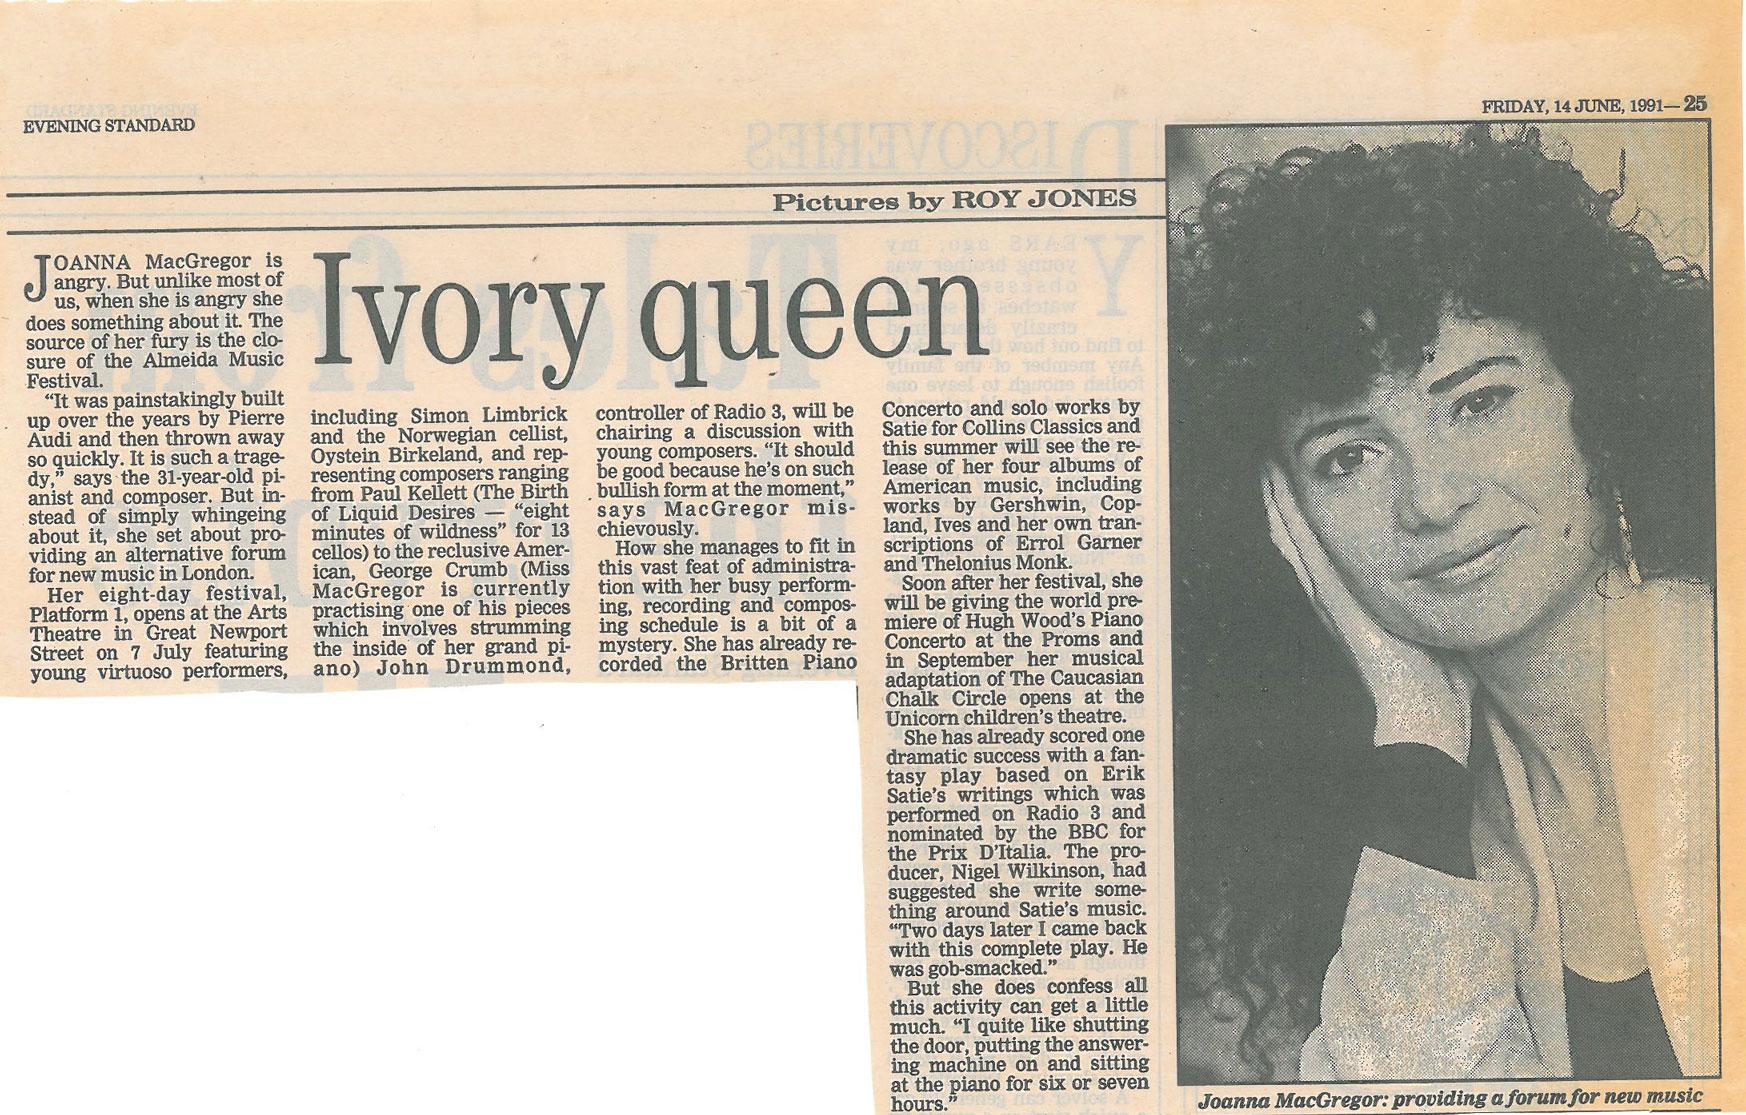 Feature, 1991, Evening Standard